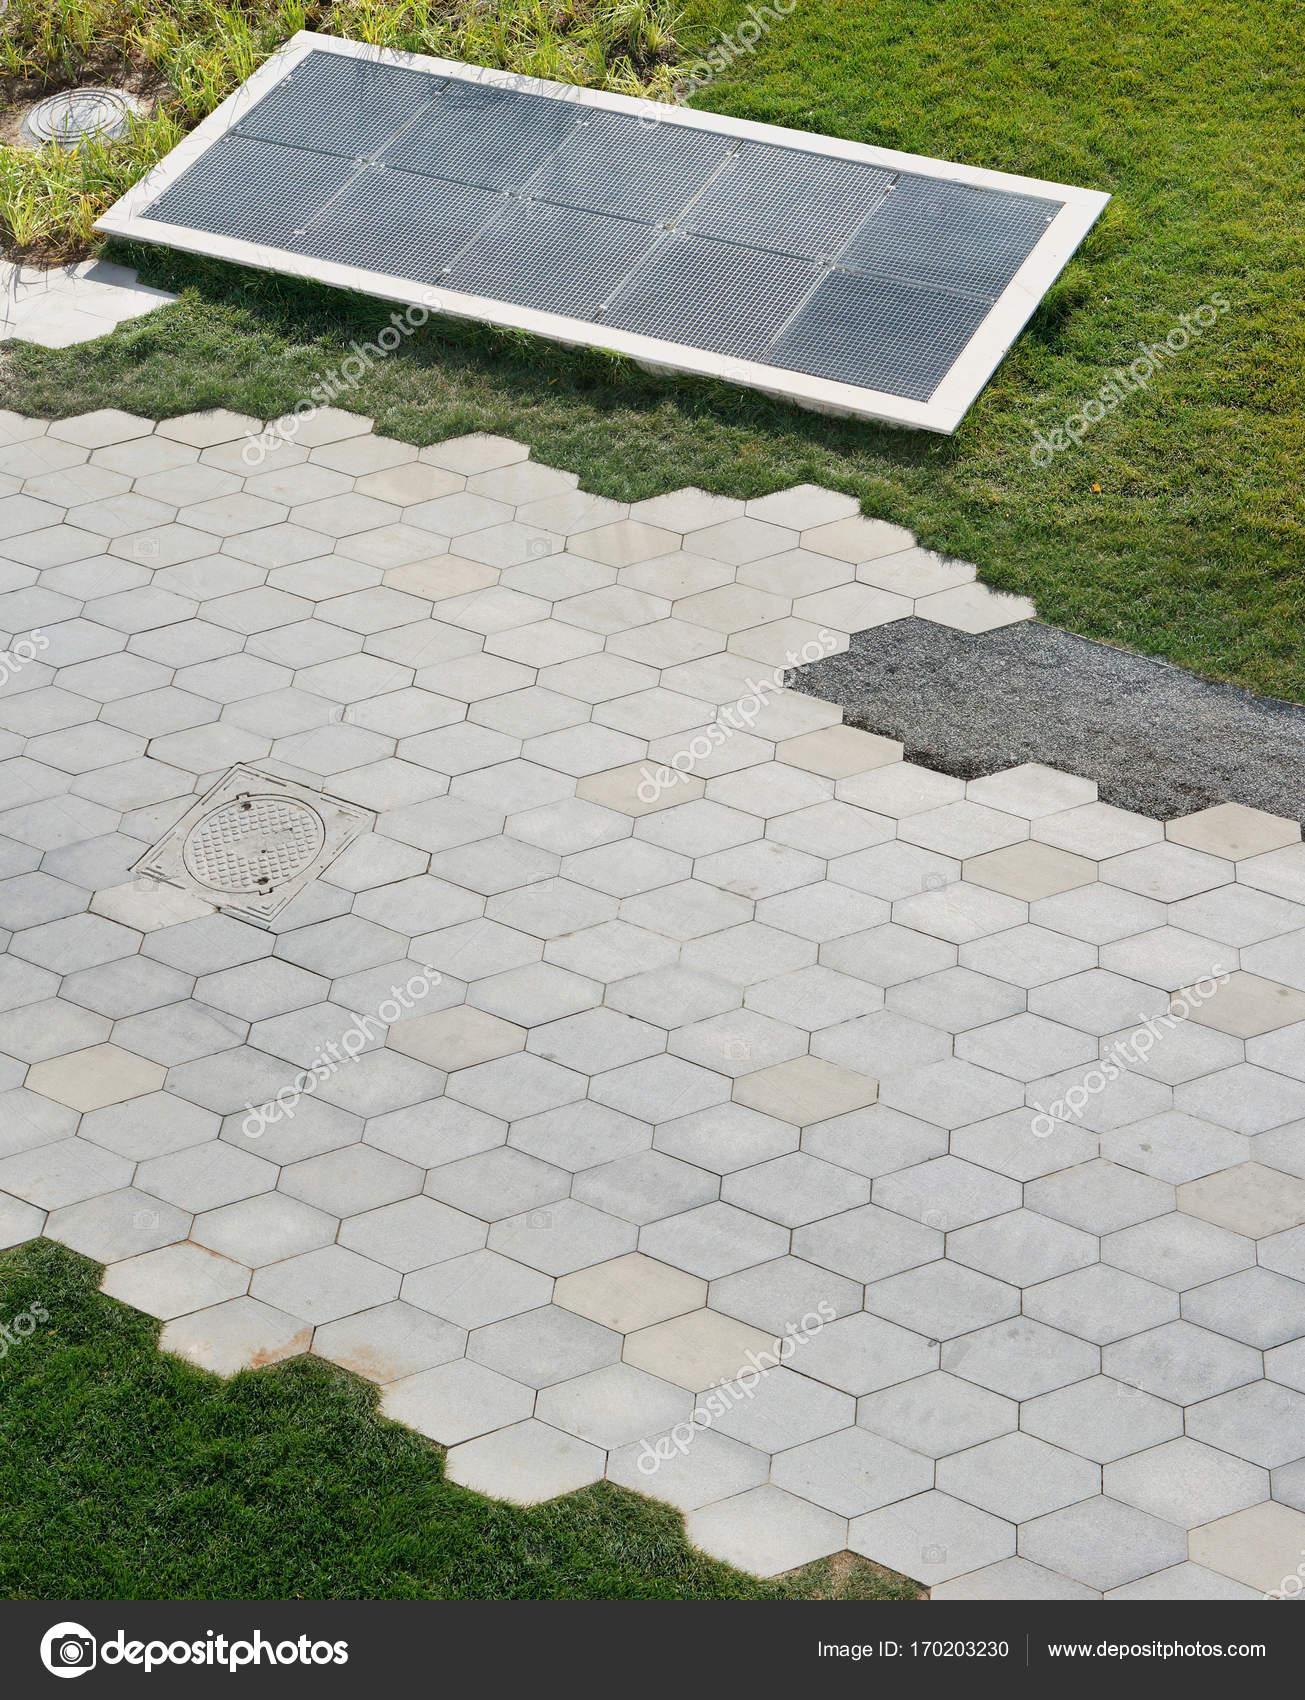 Graniet Tegels Tuin.Zeshoekige Graniet Tegels Op De Paden Van De Openbare Tuin